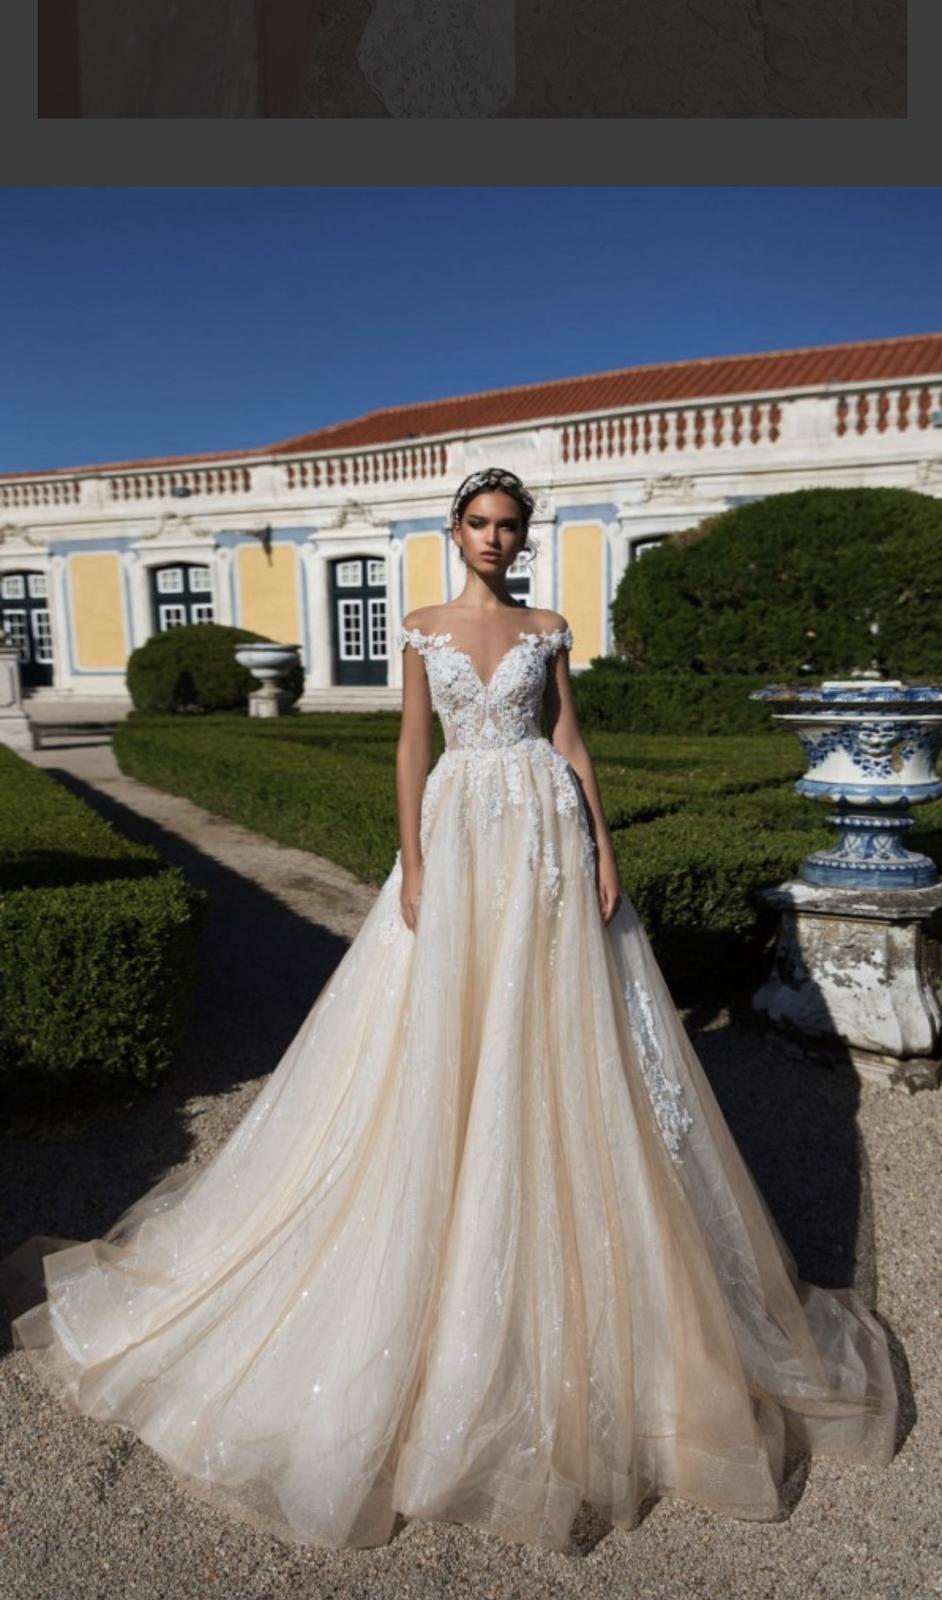 svadobné šaty MilaNova 42-46 - Obrázok č. 1